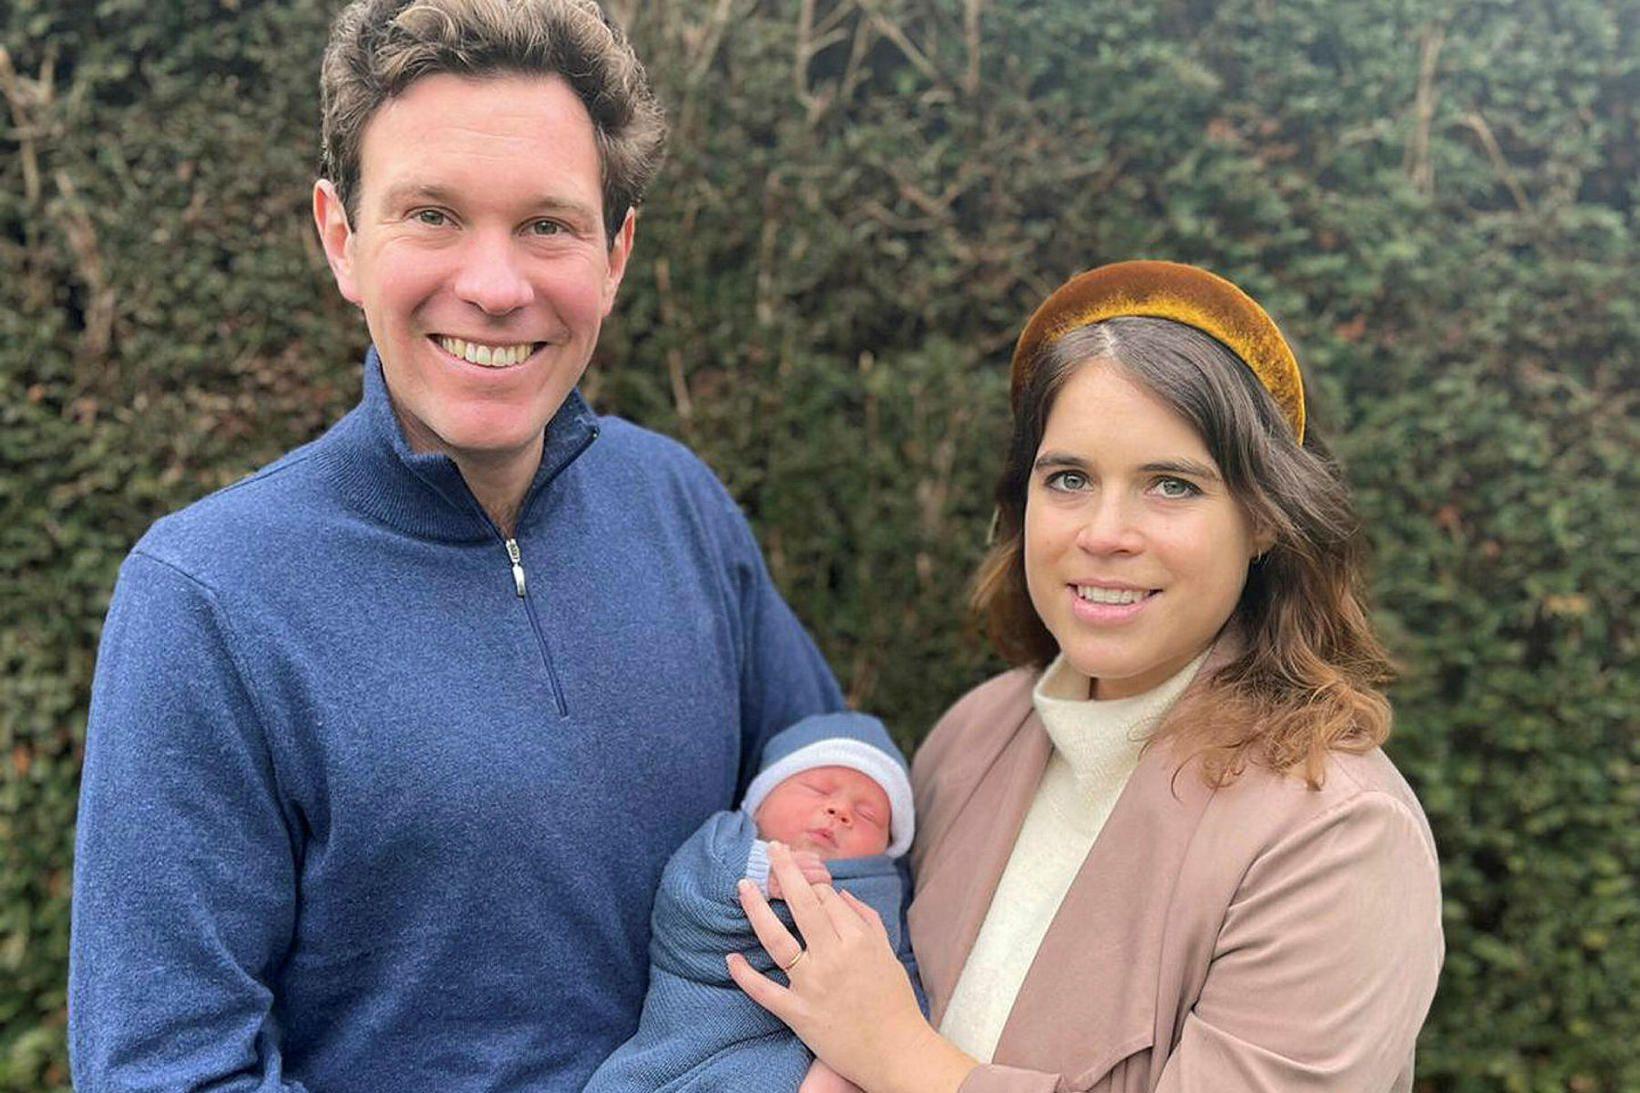 Ágúst Filippus ásamt foreldrum sínum, Eugenie prinsessu og Jack Brooksbank.